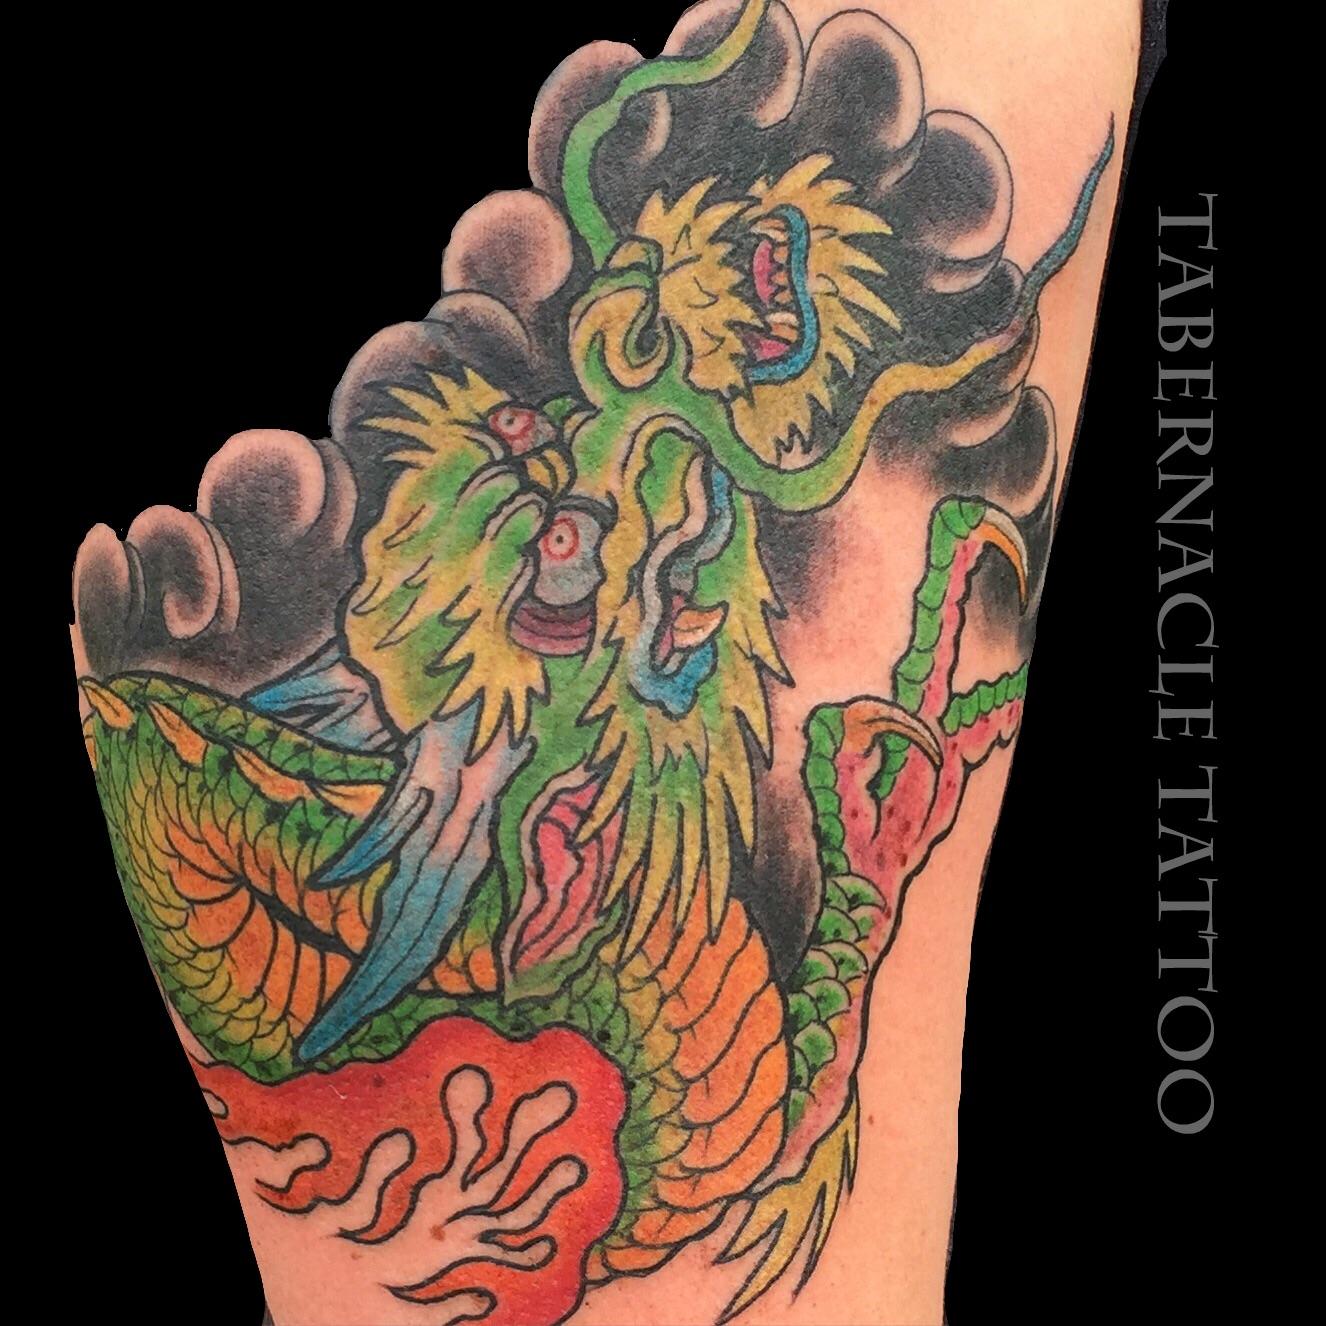 Tampa tattoo